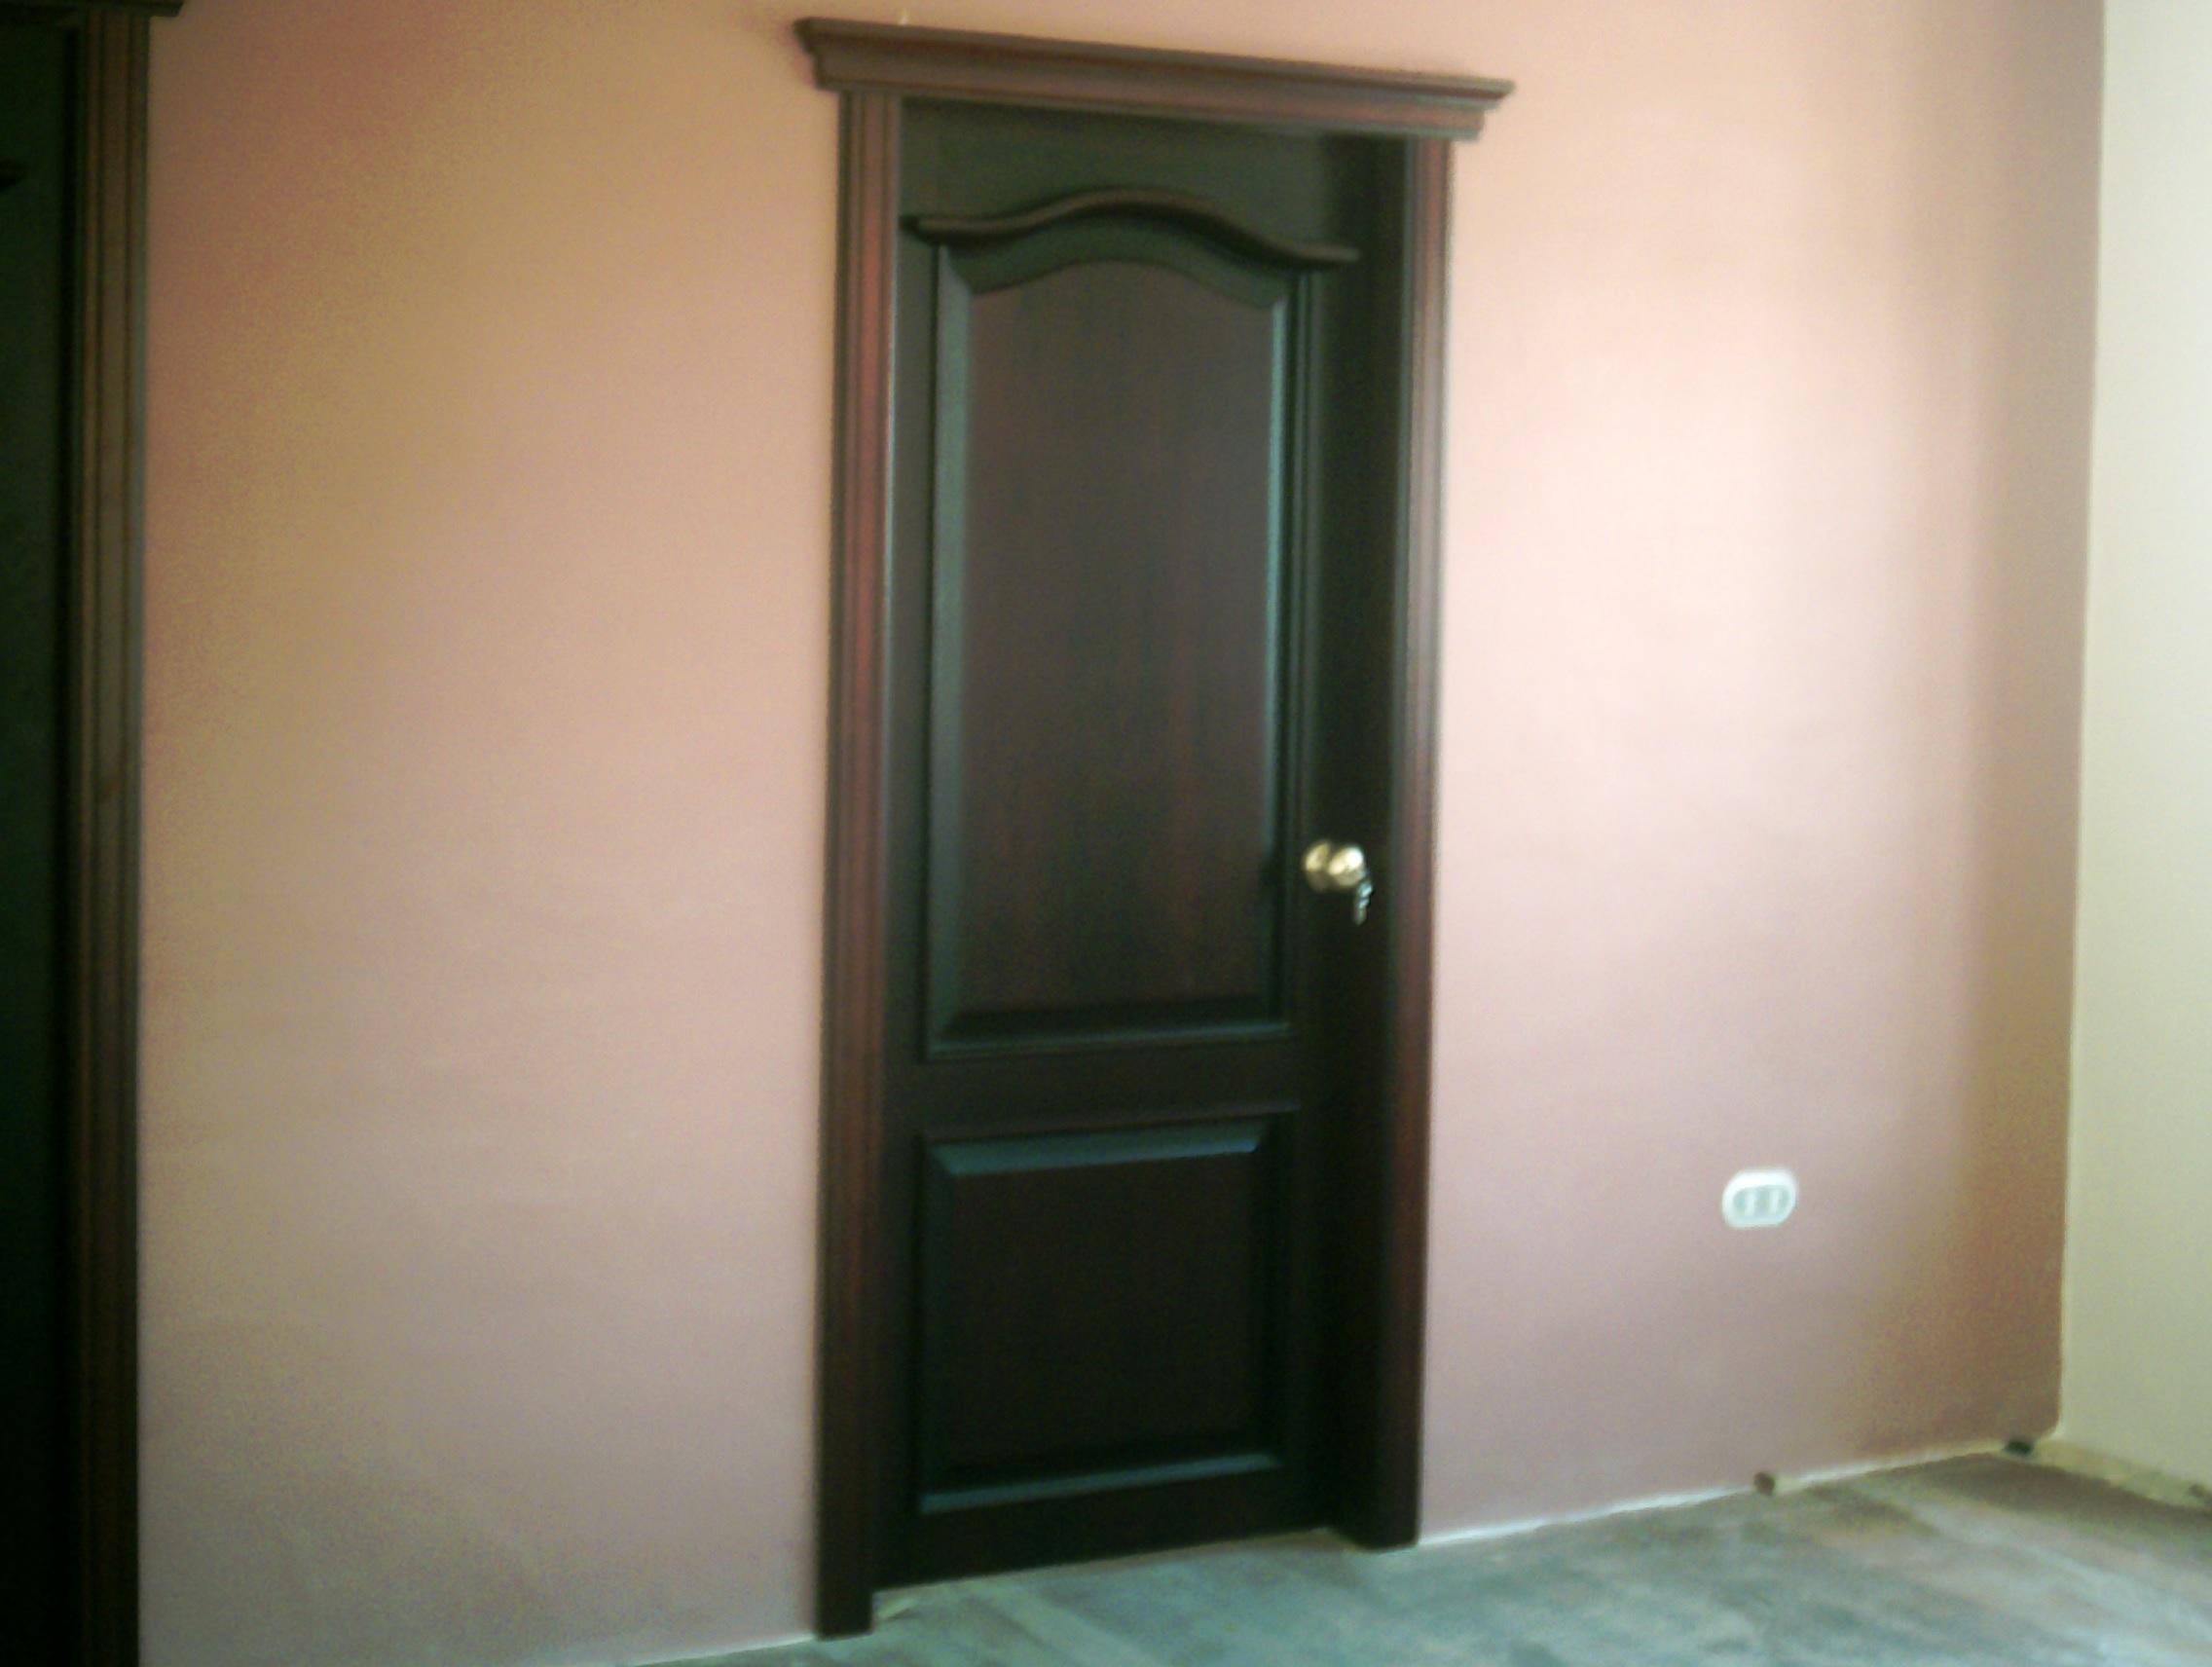 Pz c puertas exterior - Puertas exterior asturias ...